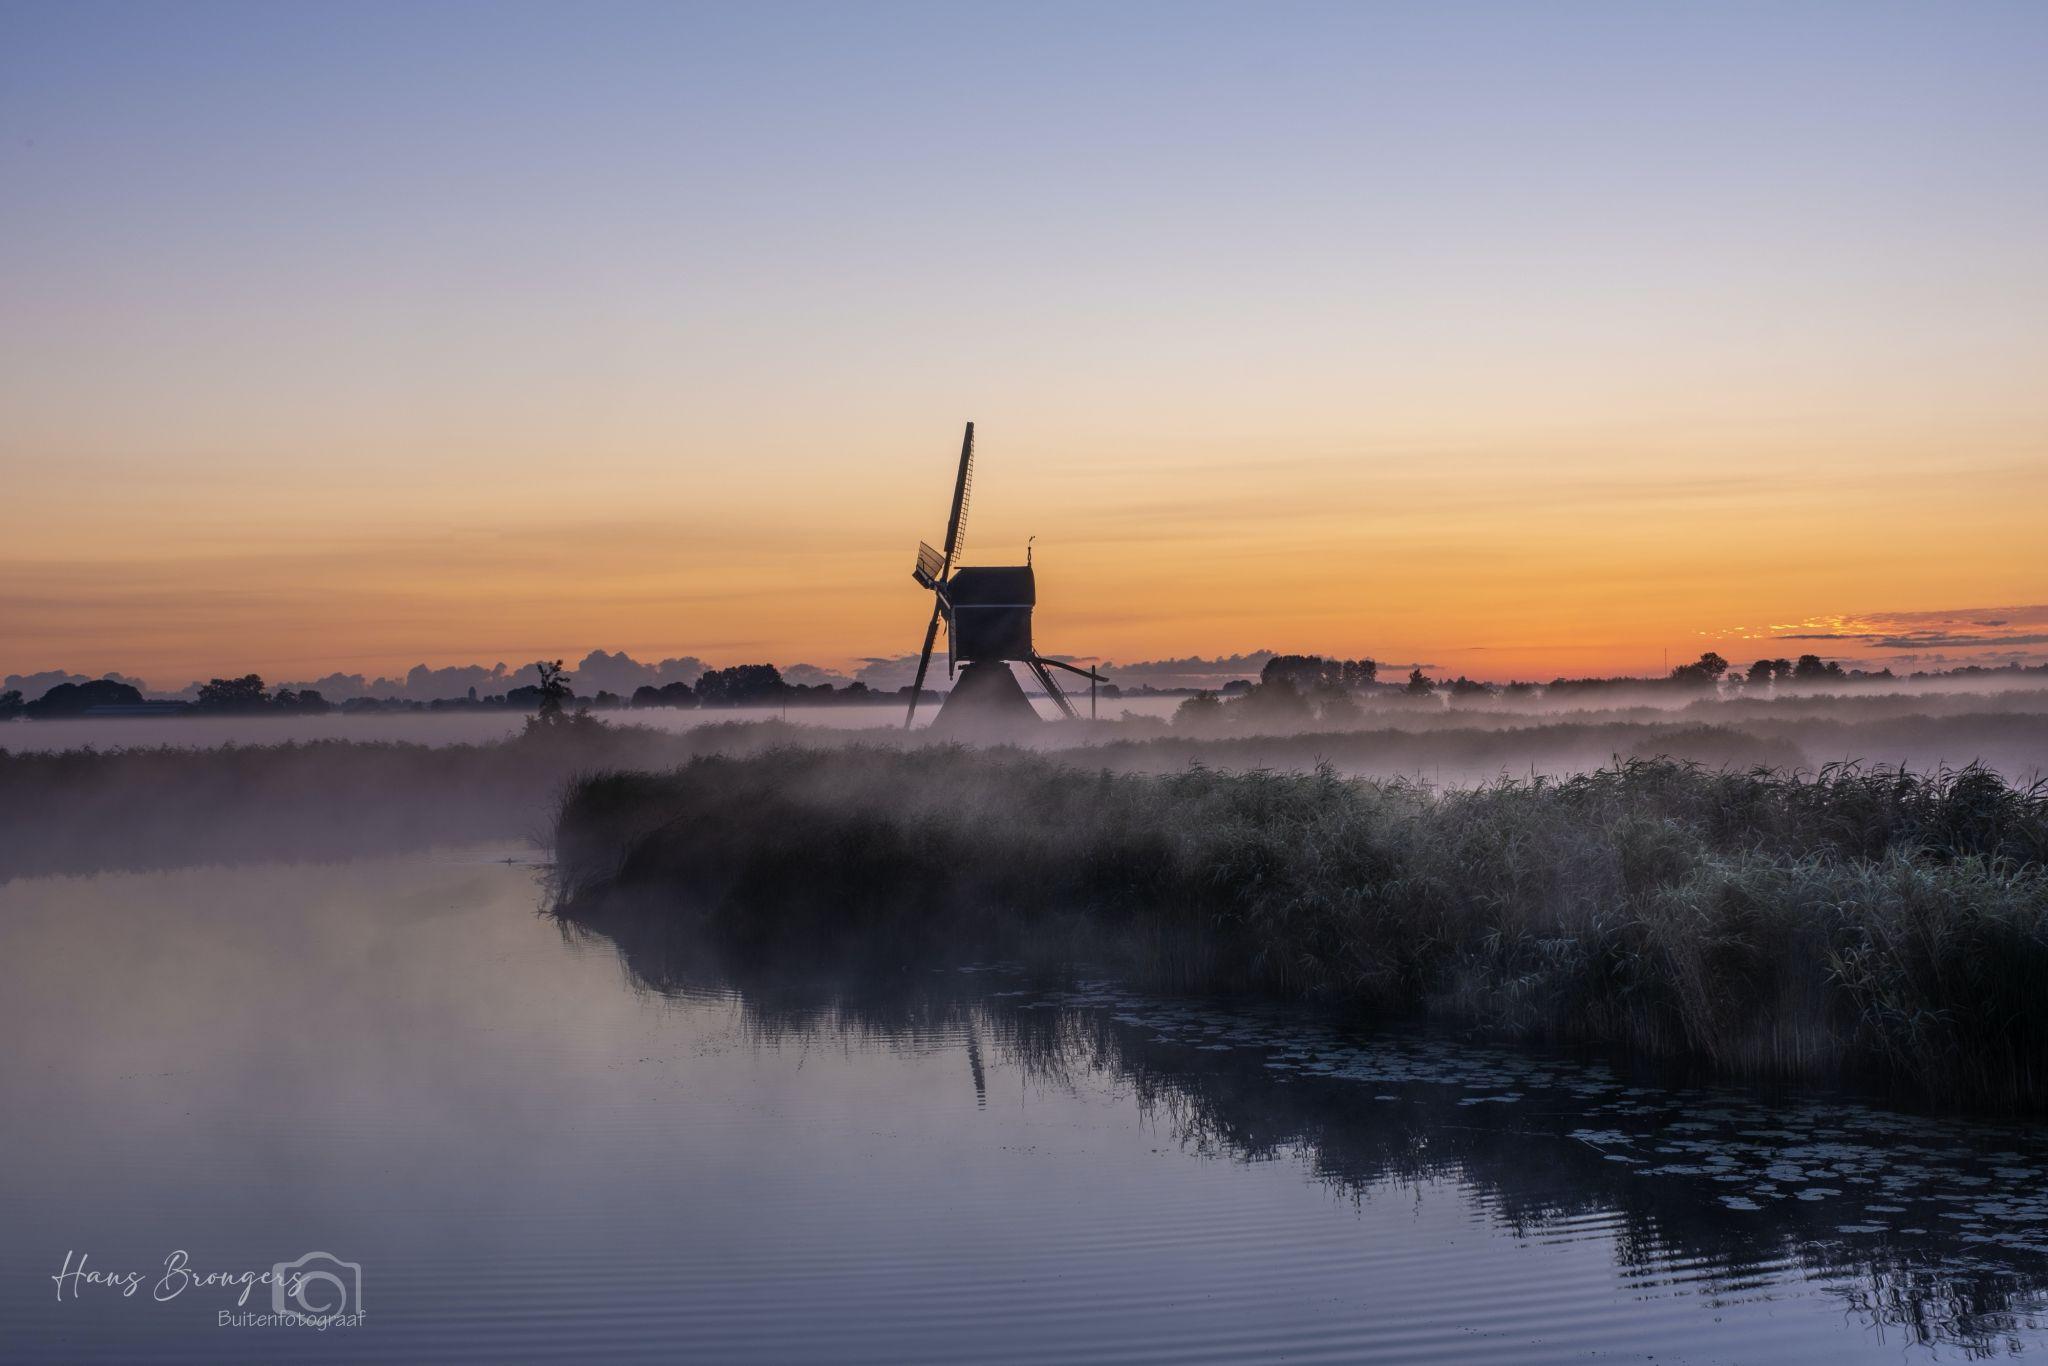 Broekmolen, Netherlands